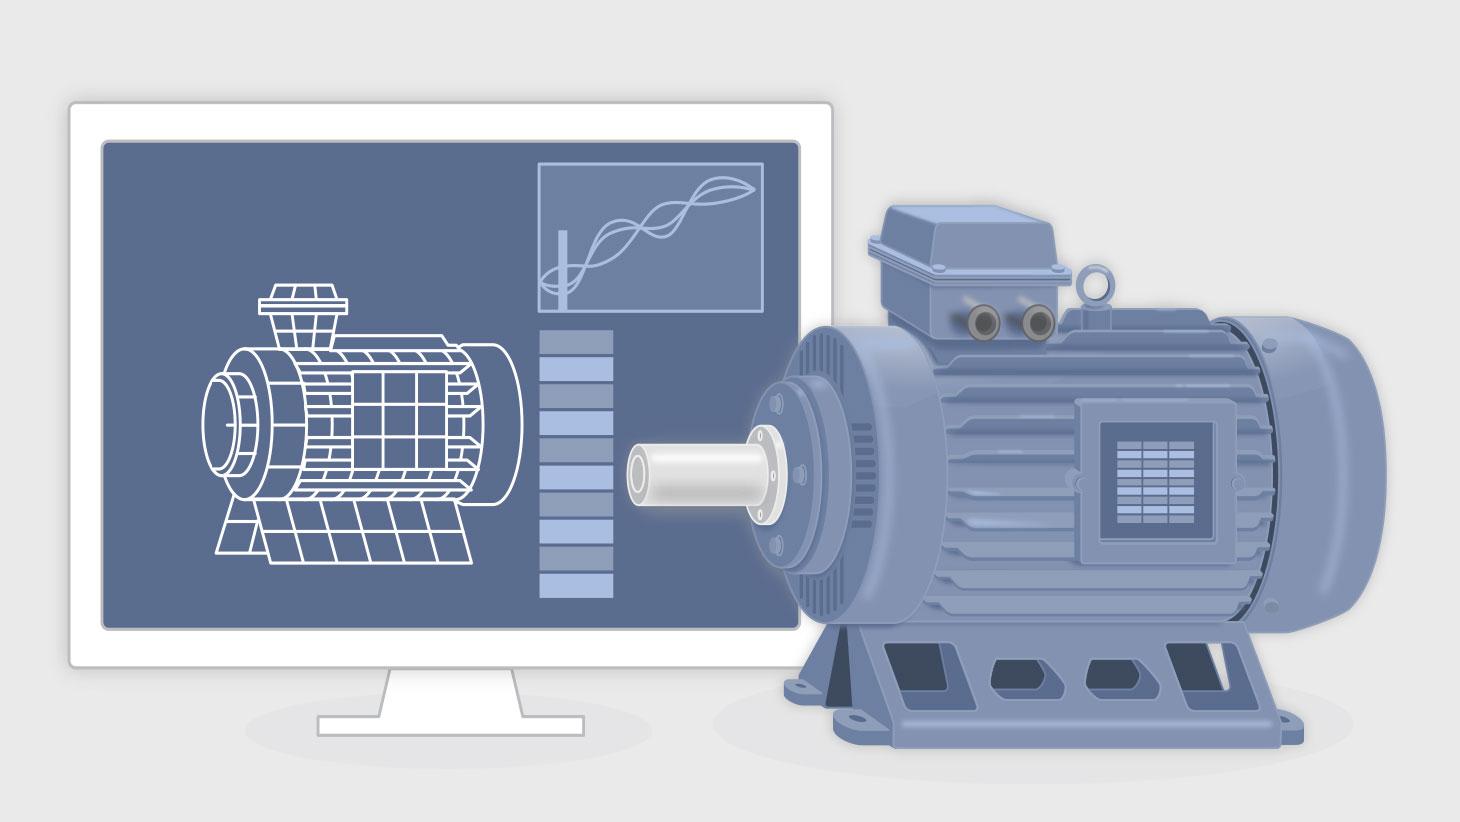 ANSYS Twin Builder monitora produtos em operação para prever falhas e analisar o desempenho futuro